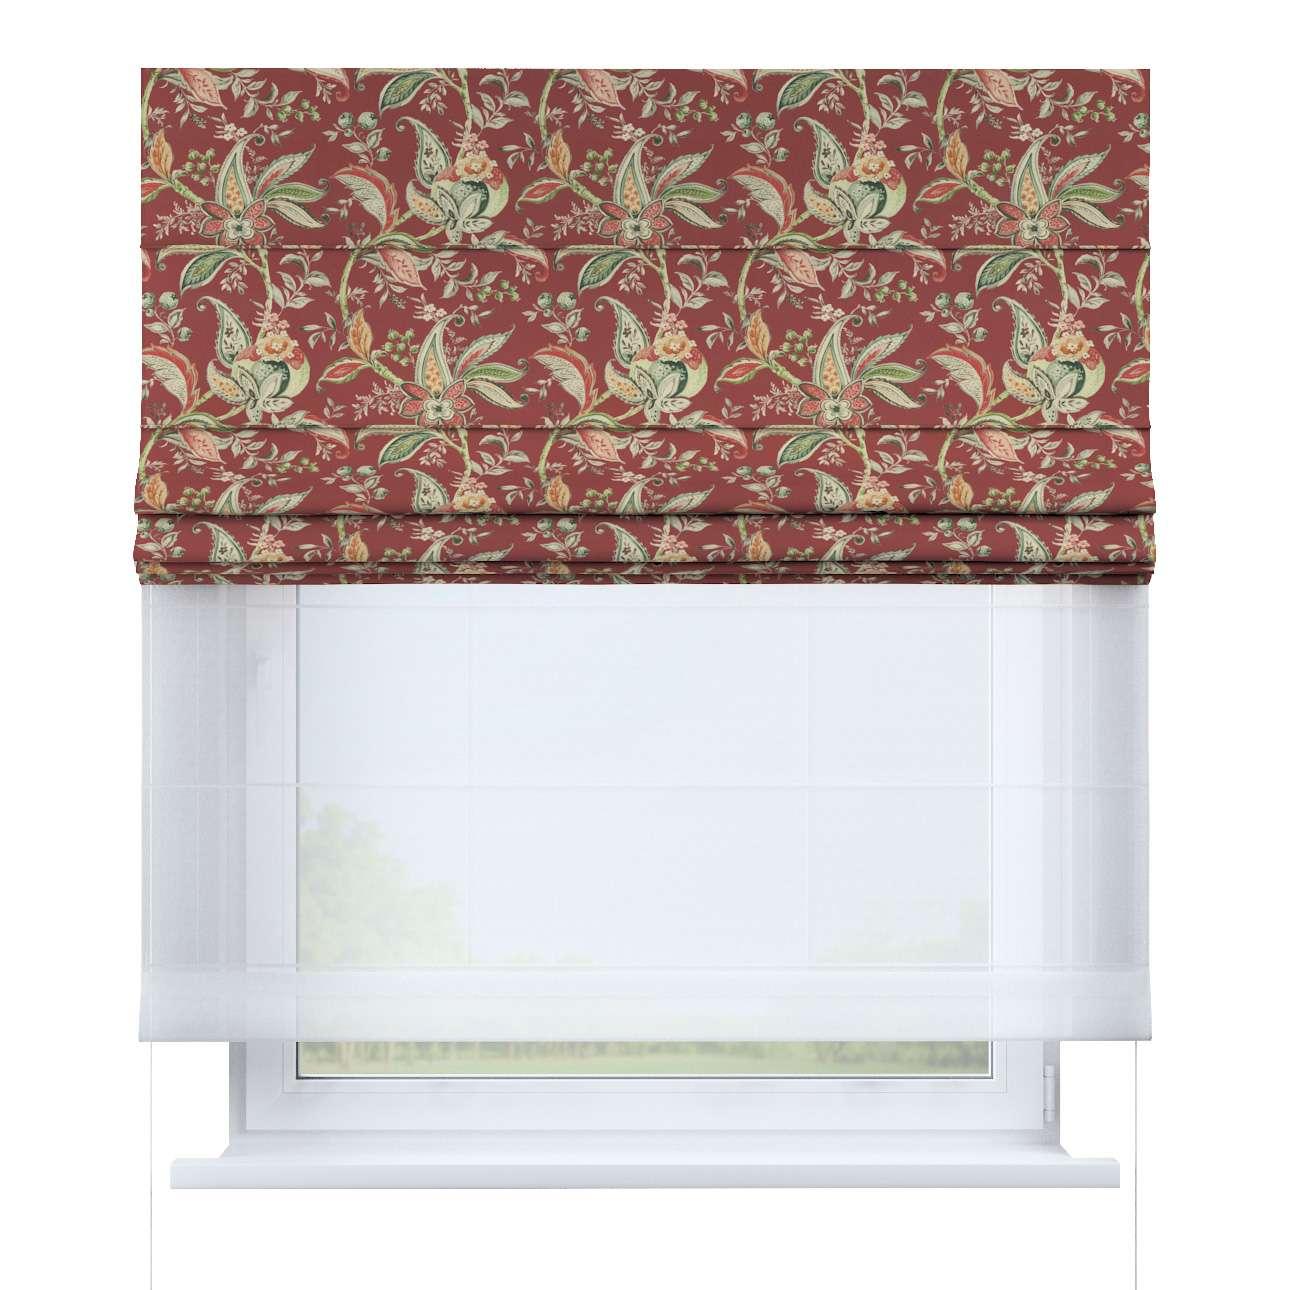 Roleta rzymska Duo w kolekcji Gardenia, tkanina: 142-12